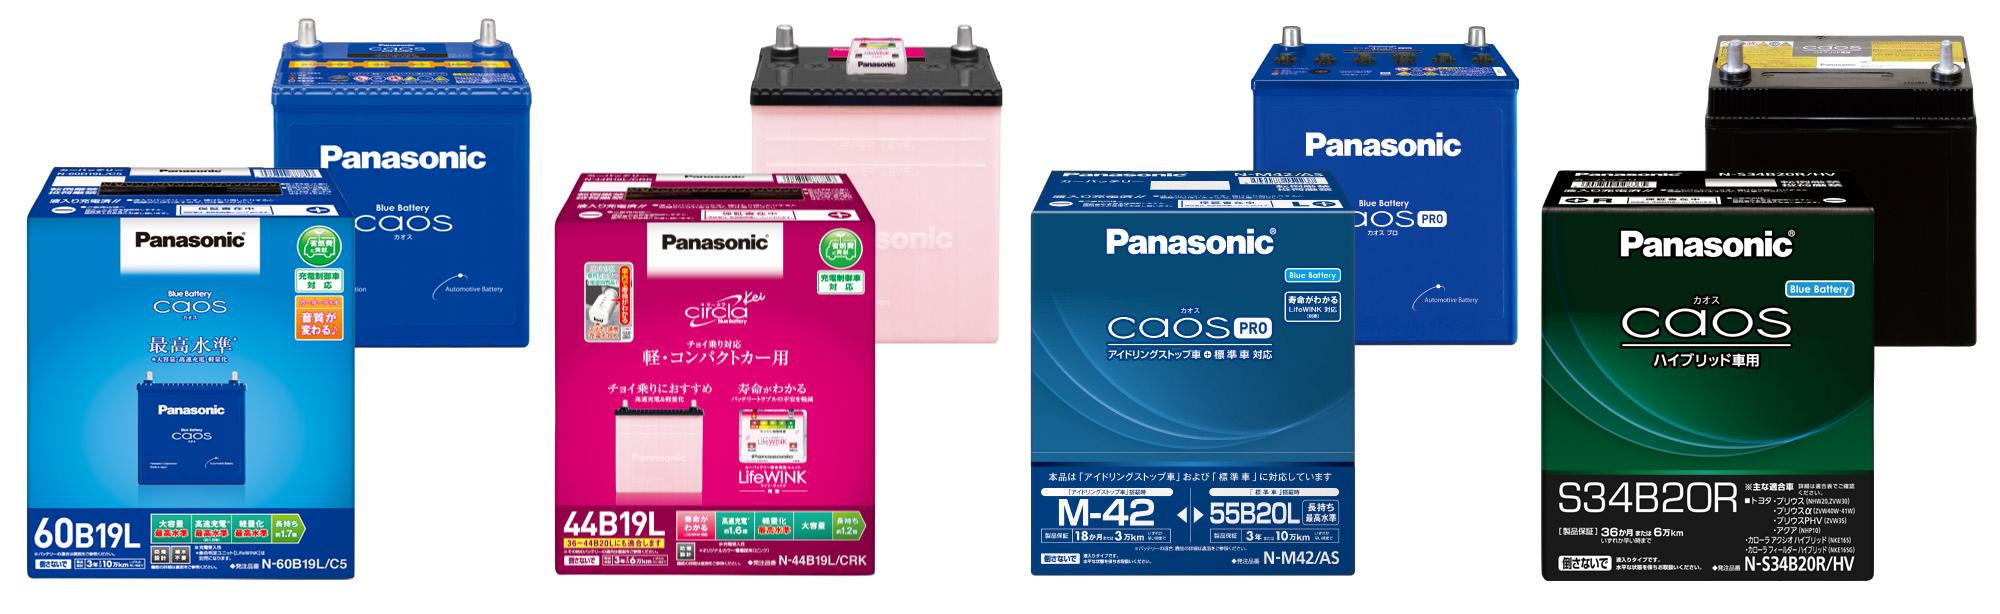 パナソニックのBlue Batteryシリーズ